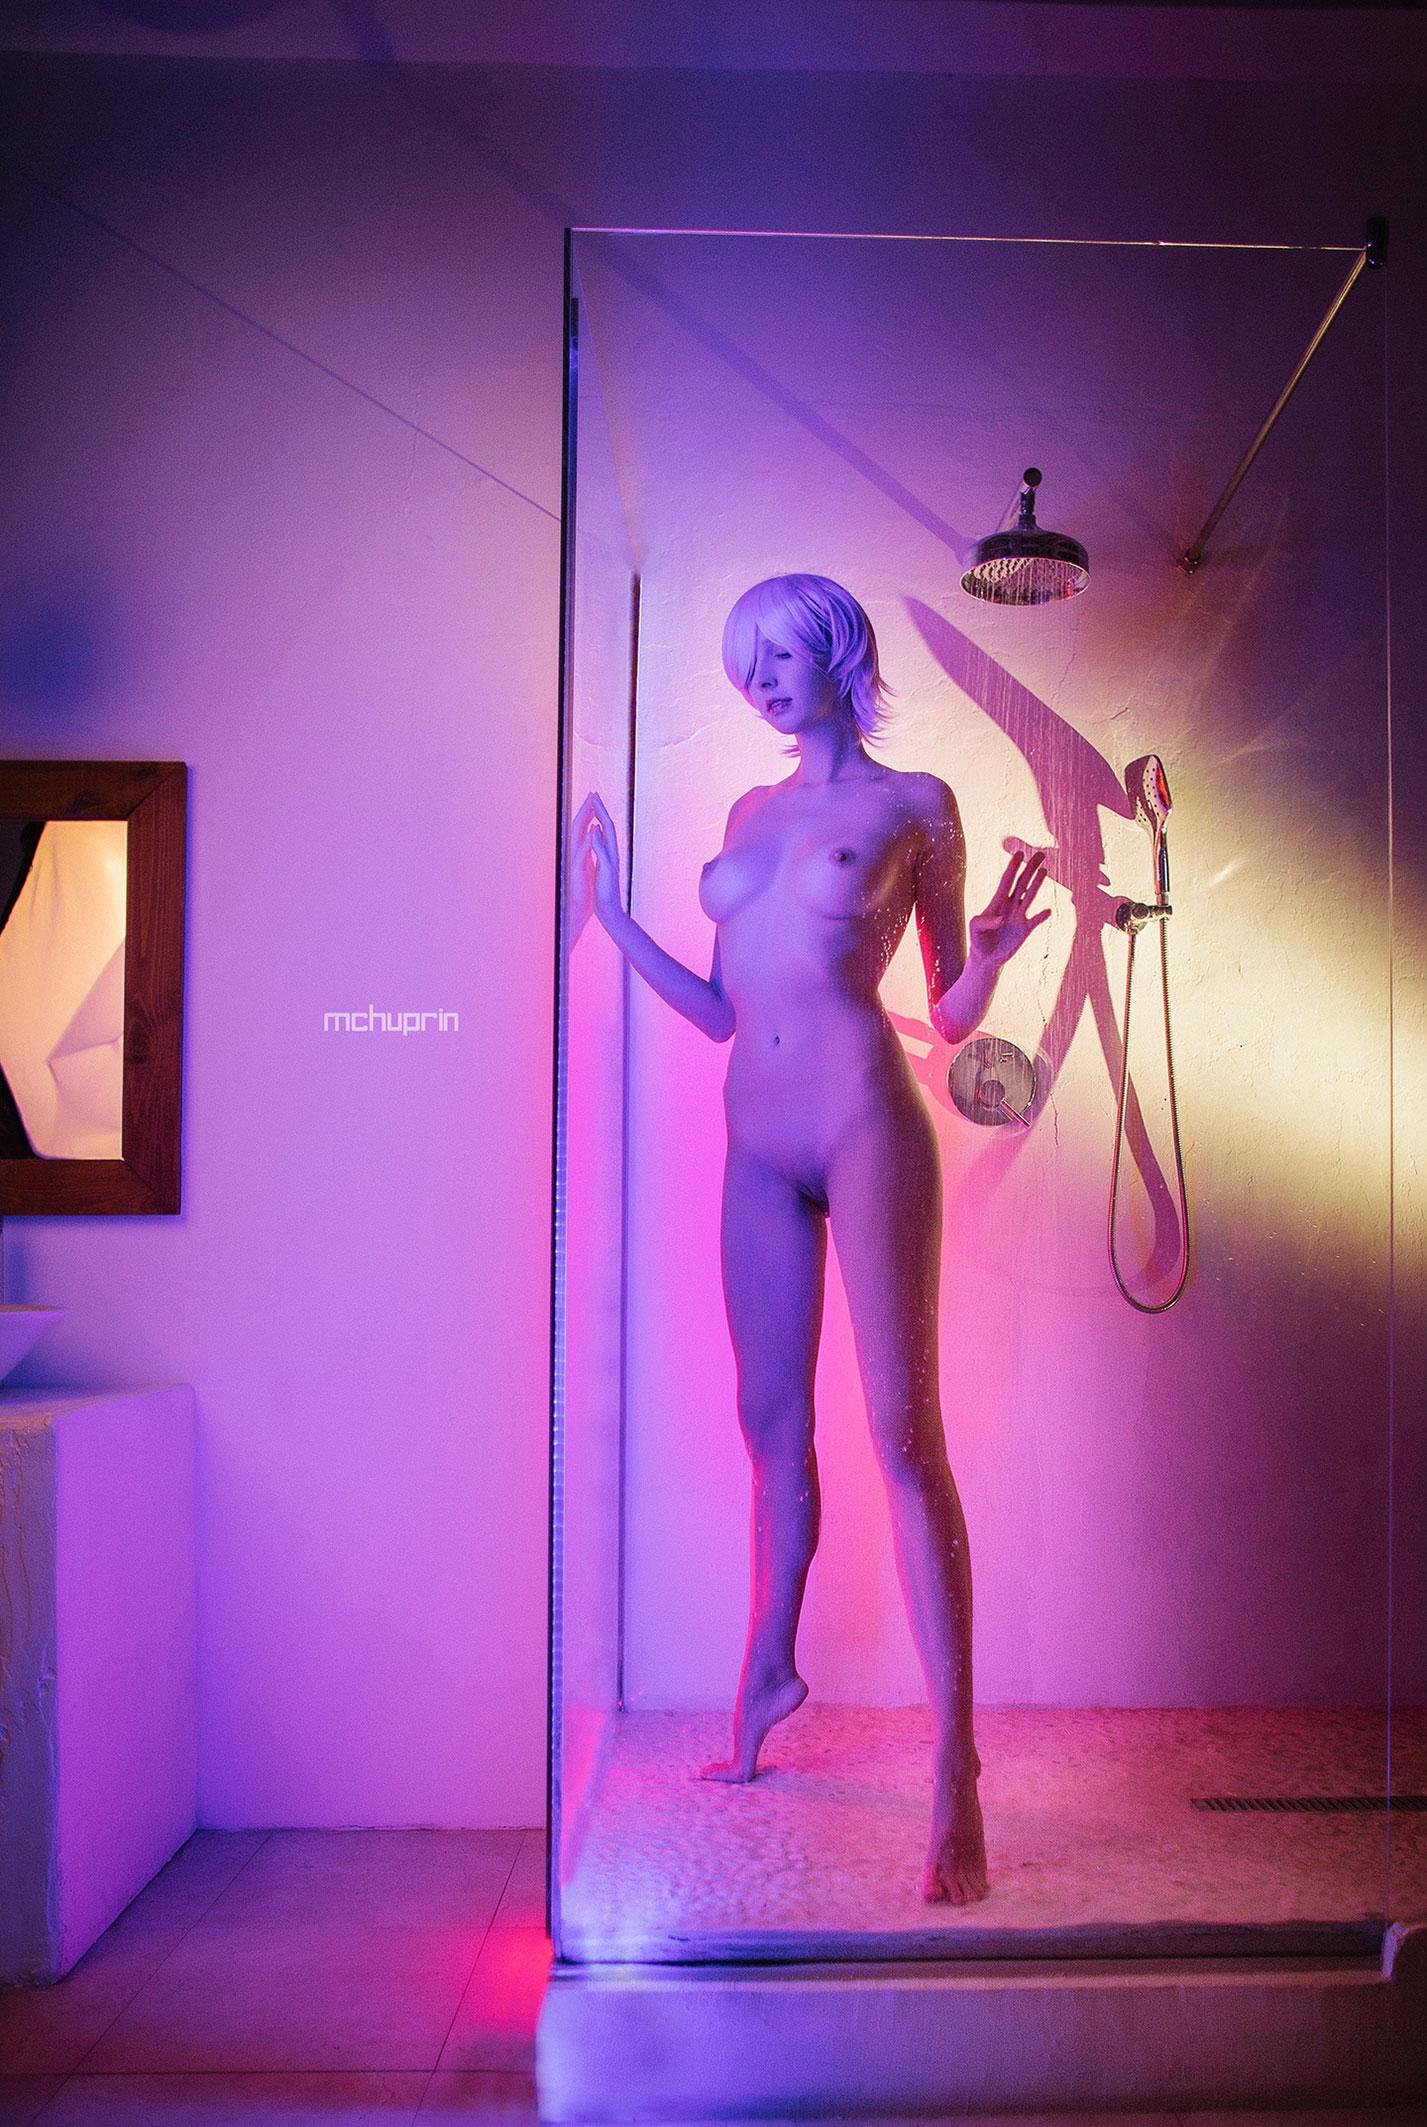 Катерина Райх принимает душ в пурпурных тонах / фото 01